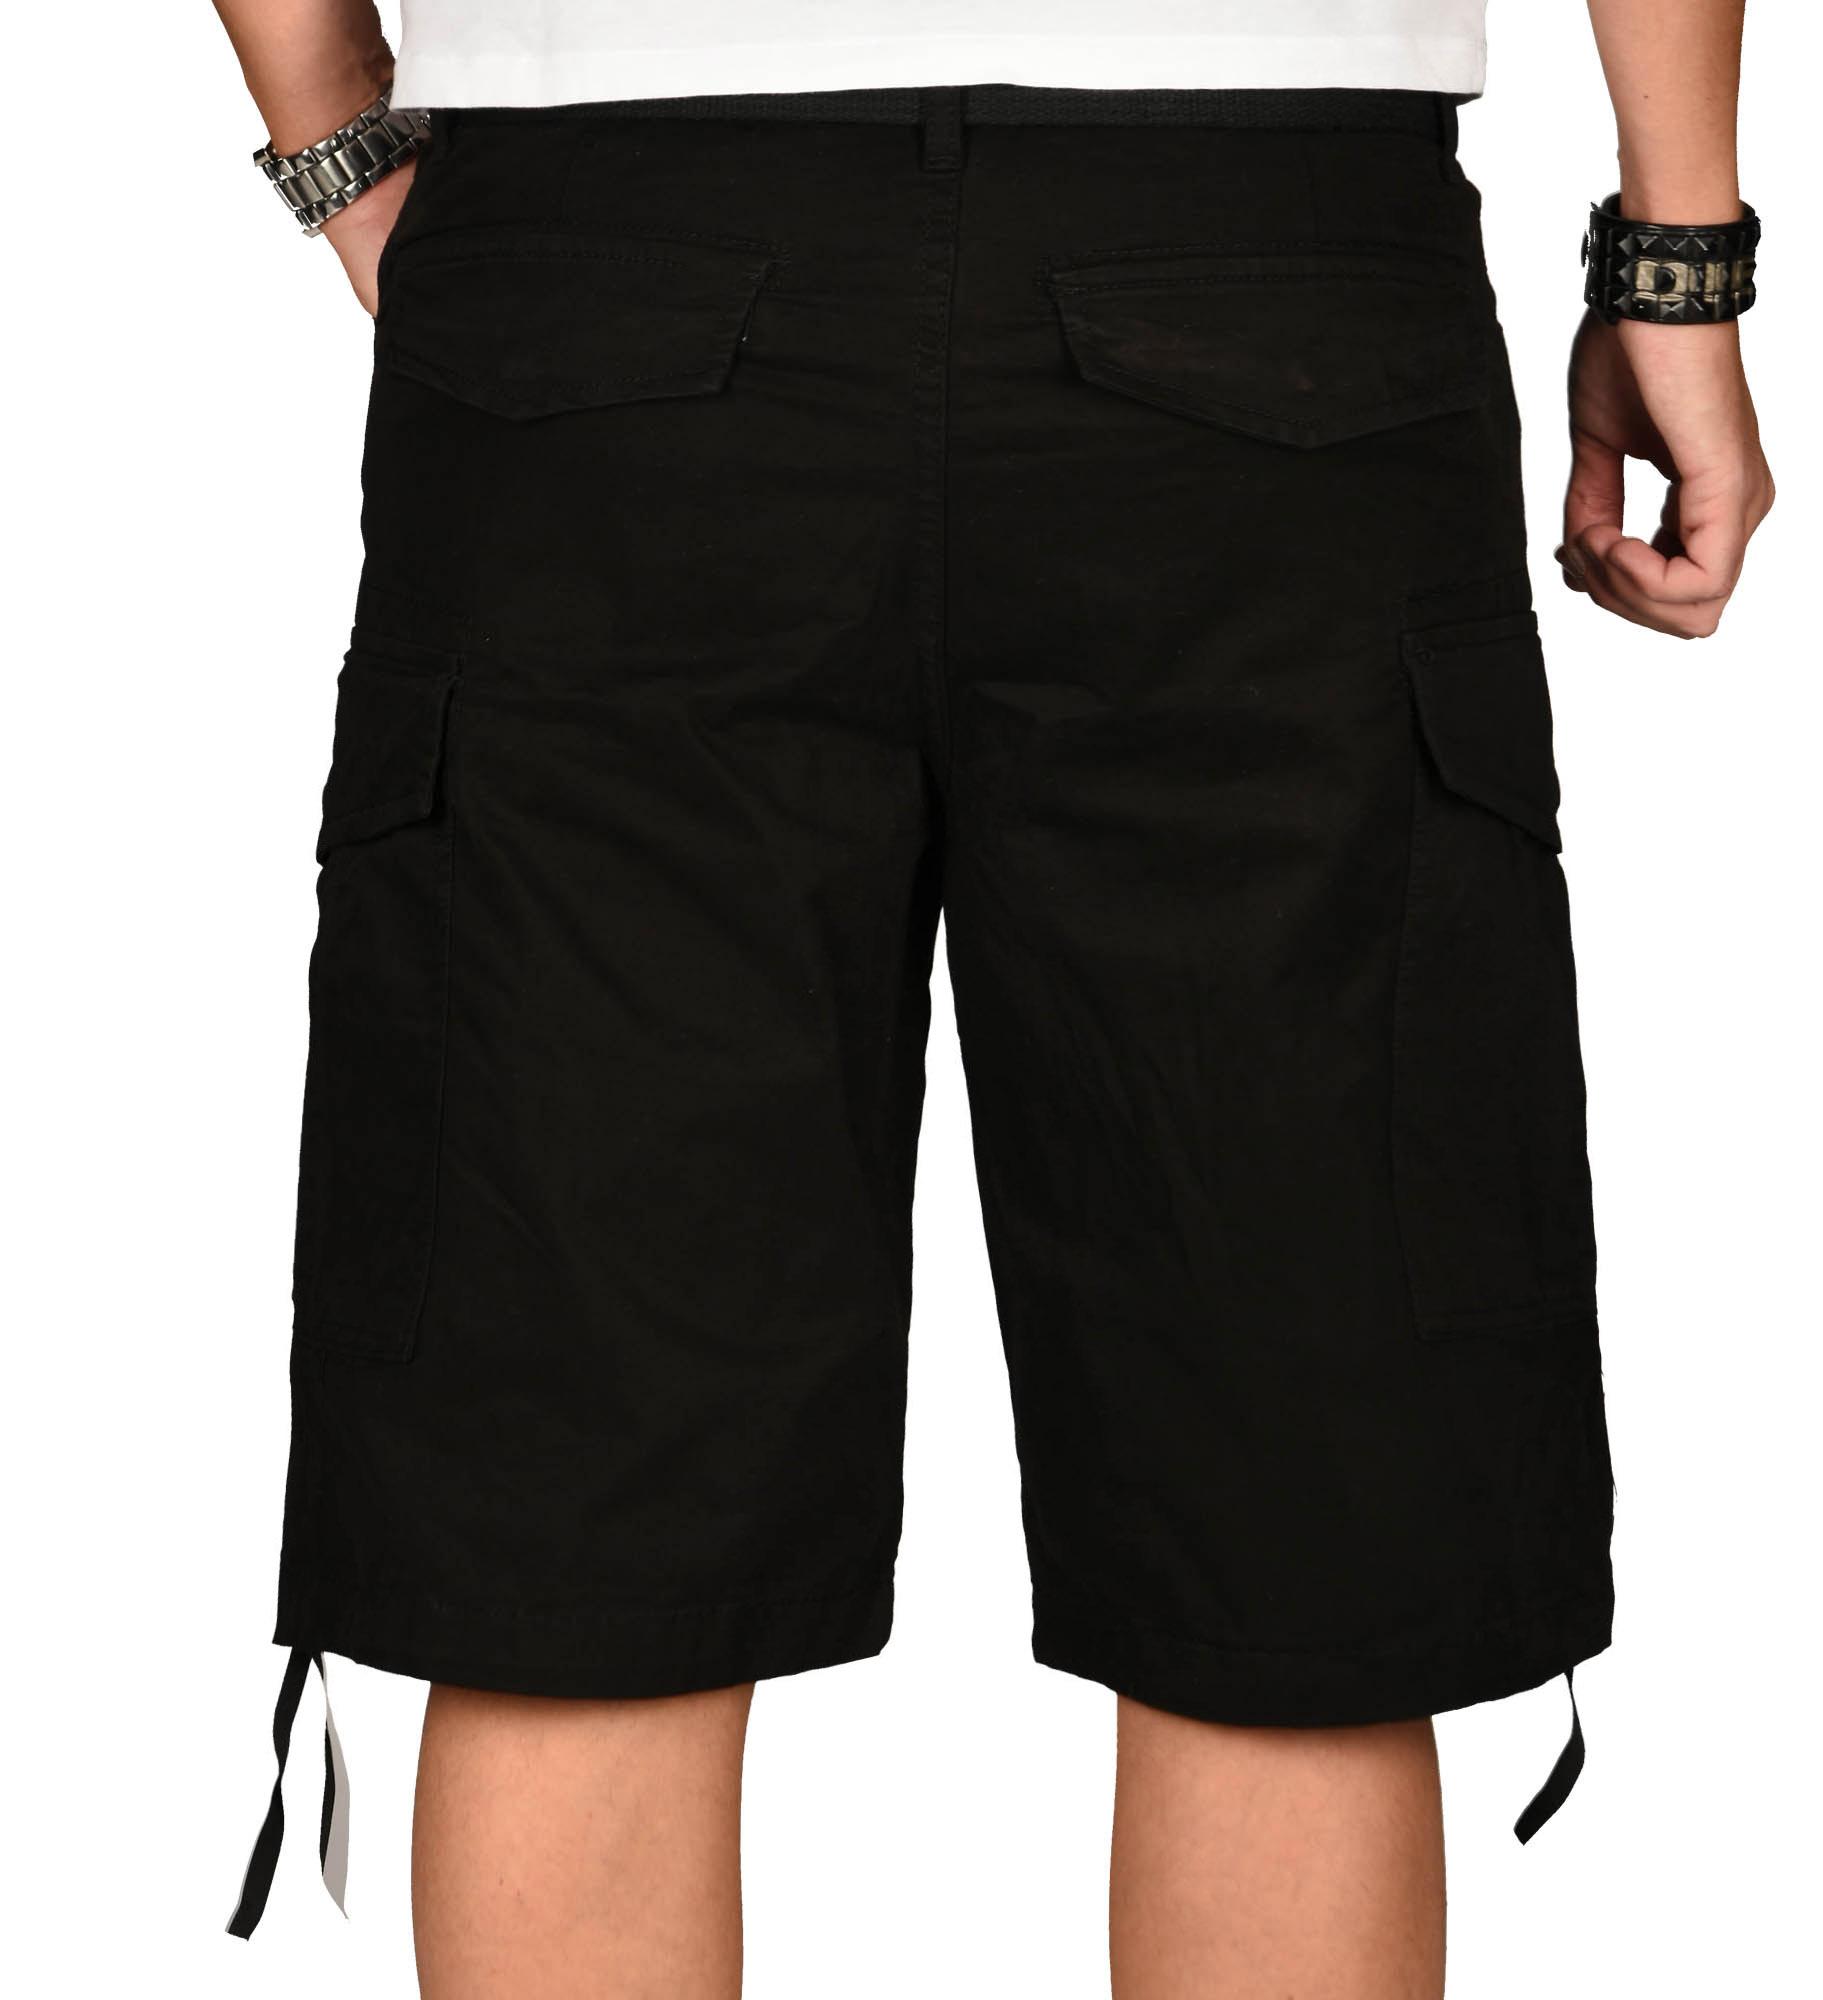 A-Salvarini-Herren-Comfort-Cargo-Shorts-Cargoshorts-kurze-Hose-Guertel-AS133-NEU Indexbild 5